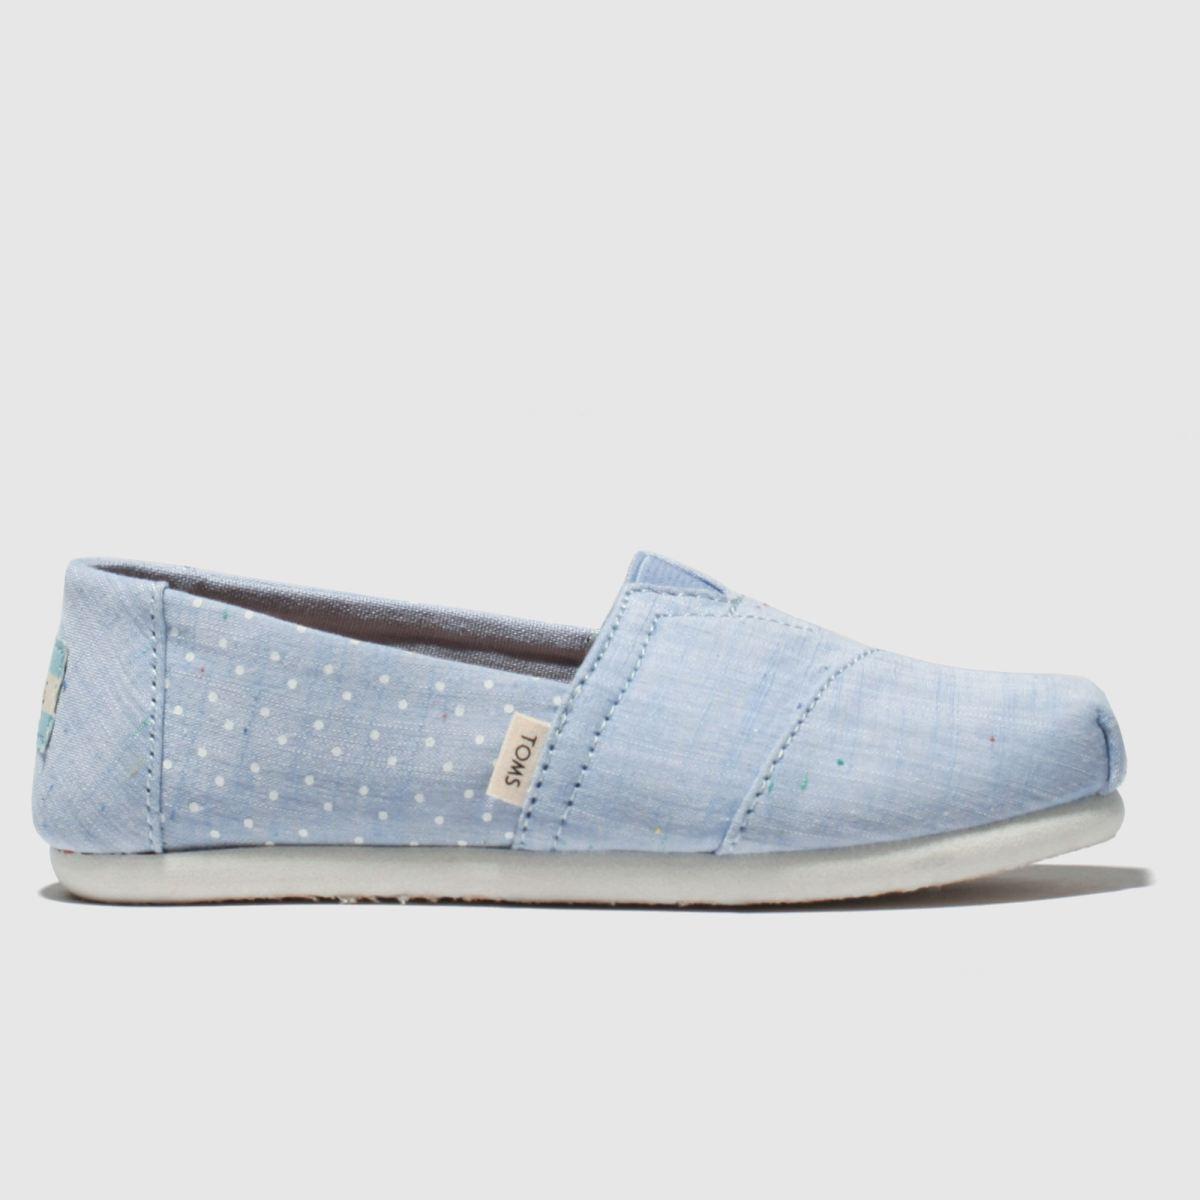 Toms Pale Blue Classic Boots Junior